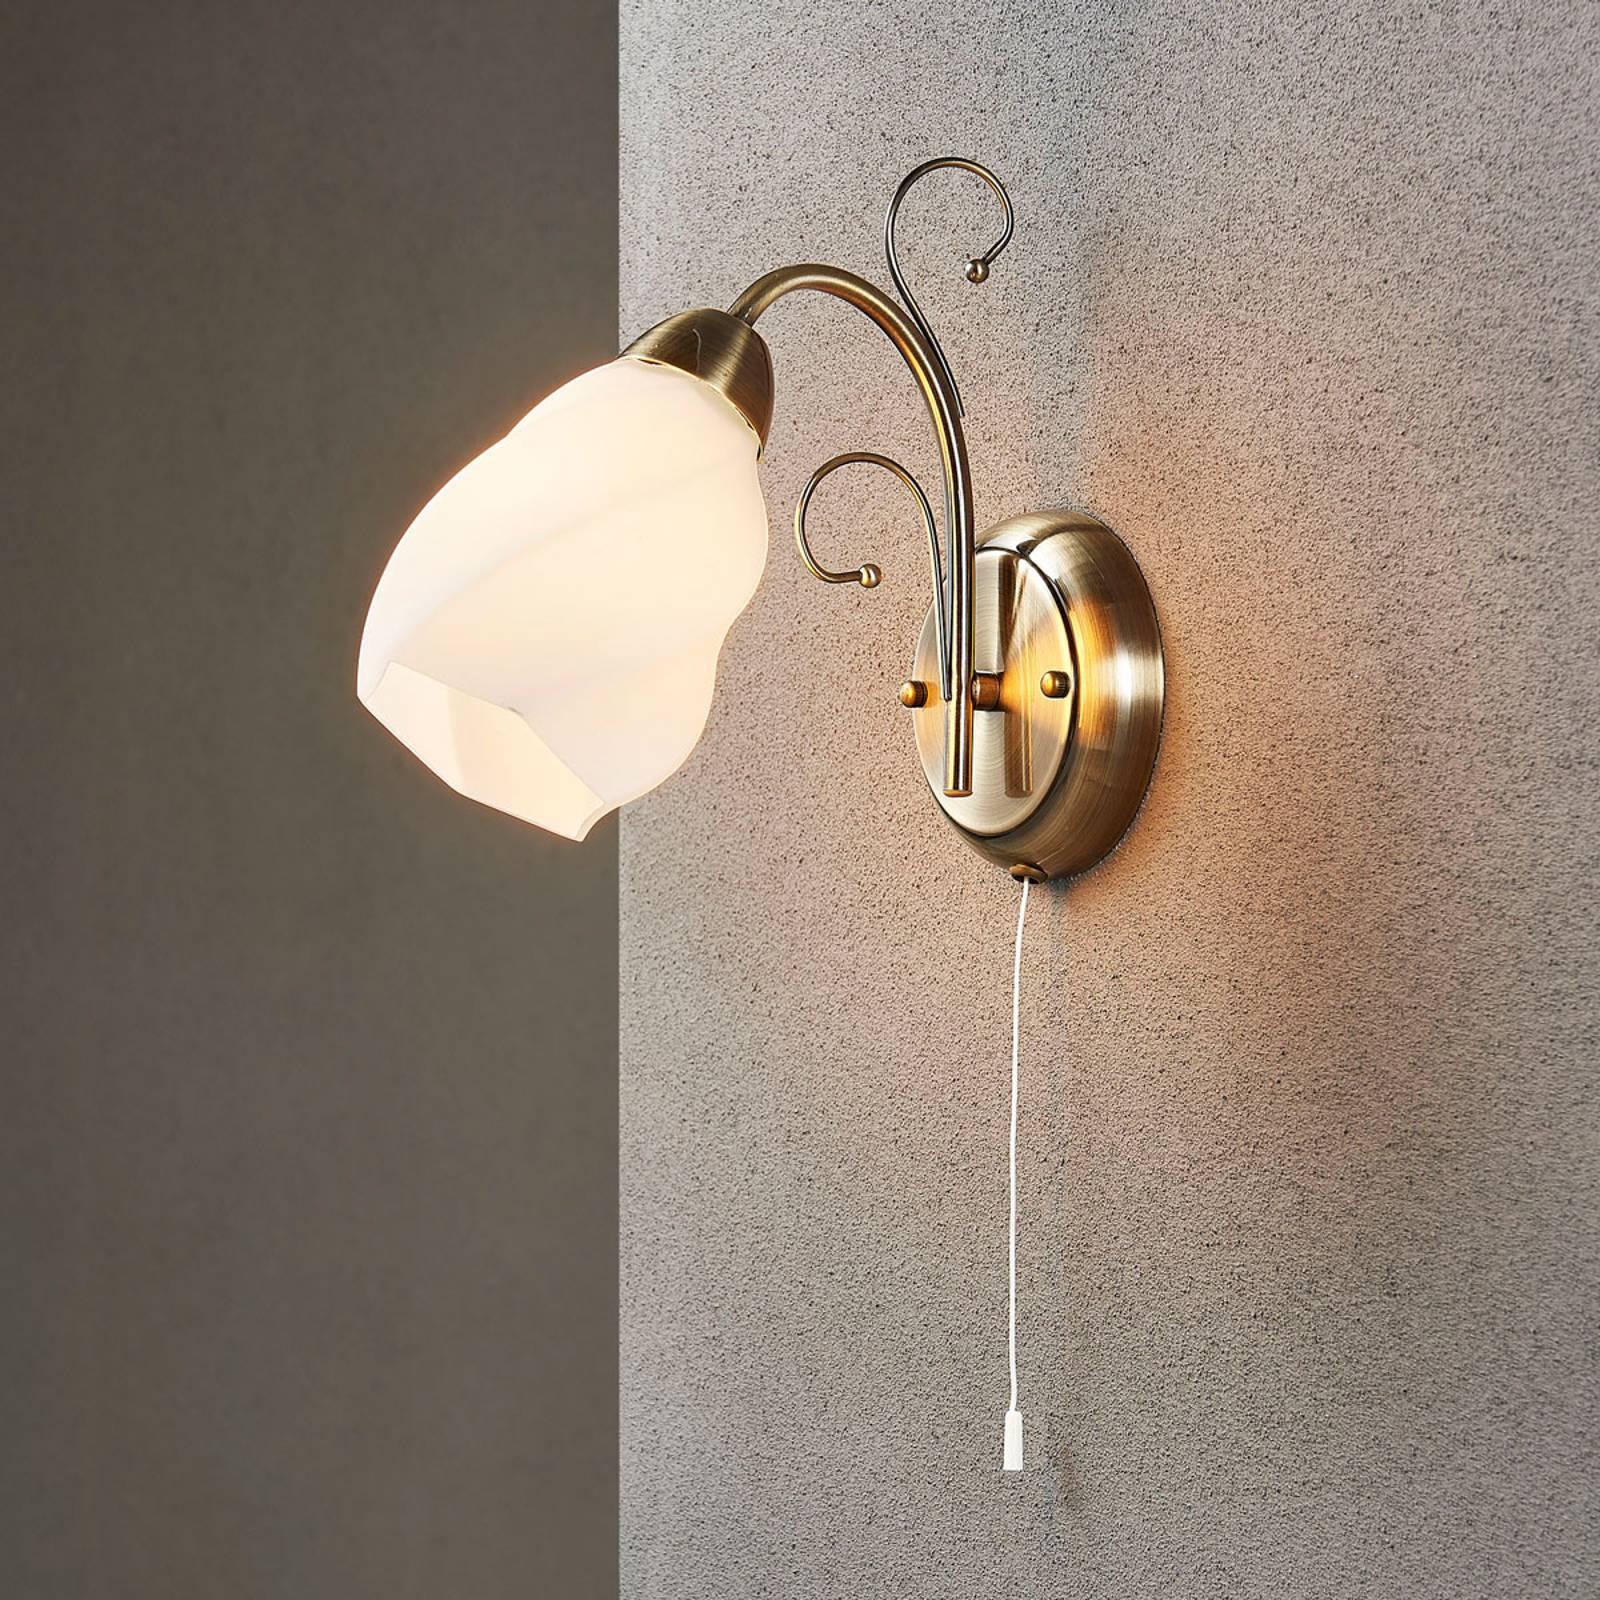 Romantisch aandoende wandlamp Amedea